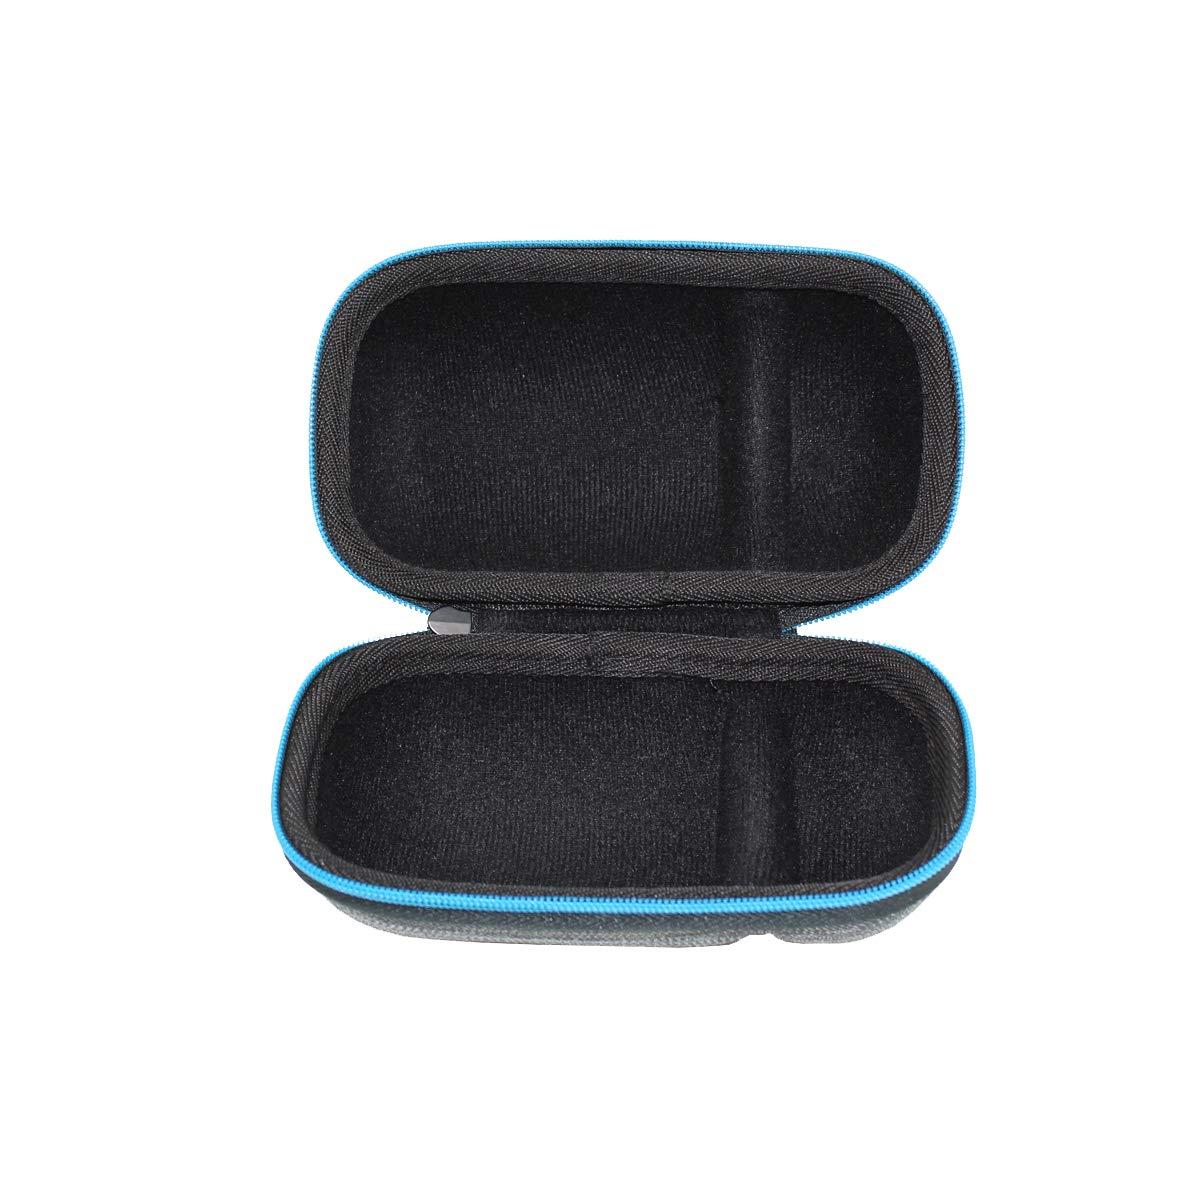 Hard Viaggio Caso scatola Custodia per Sony SRS-XB10//SRS-XB12 Altoparlante Wireless Bluetooth Portatile di ESCOCO